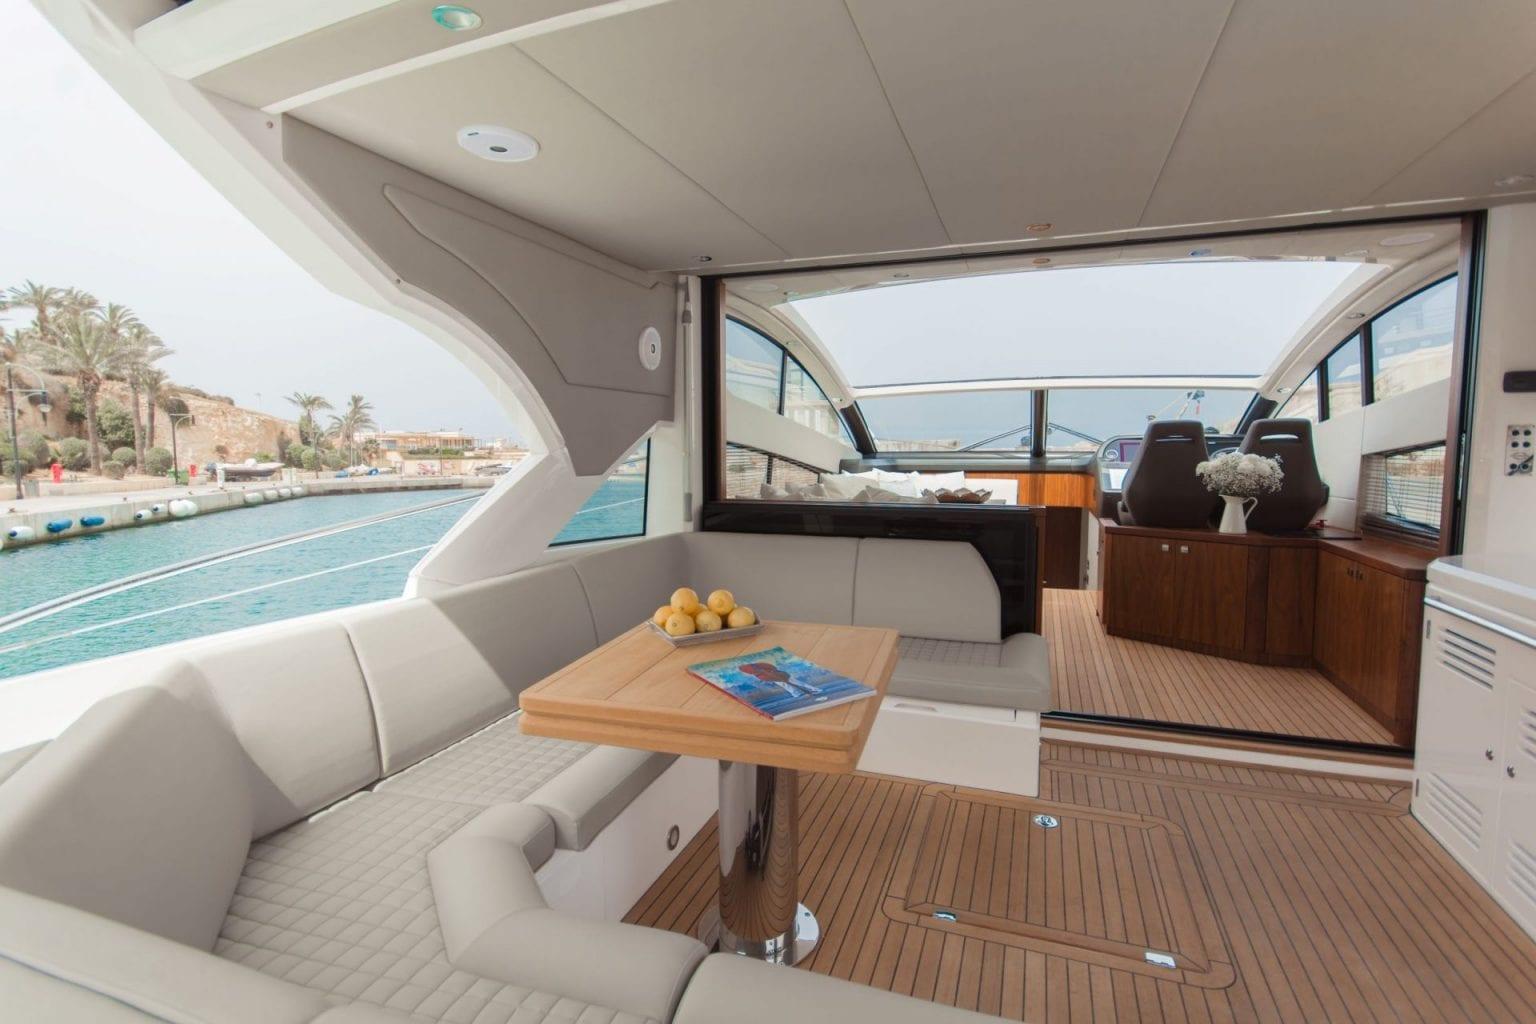 Sunseeker Predator 57 - Stream Yachts